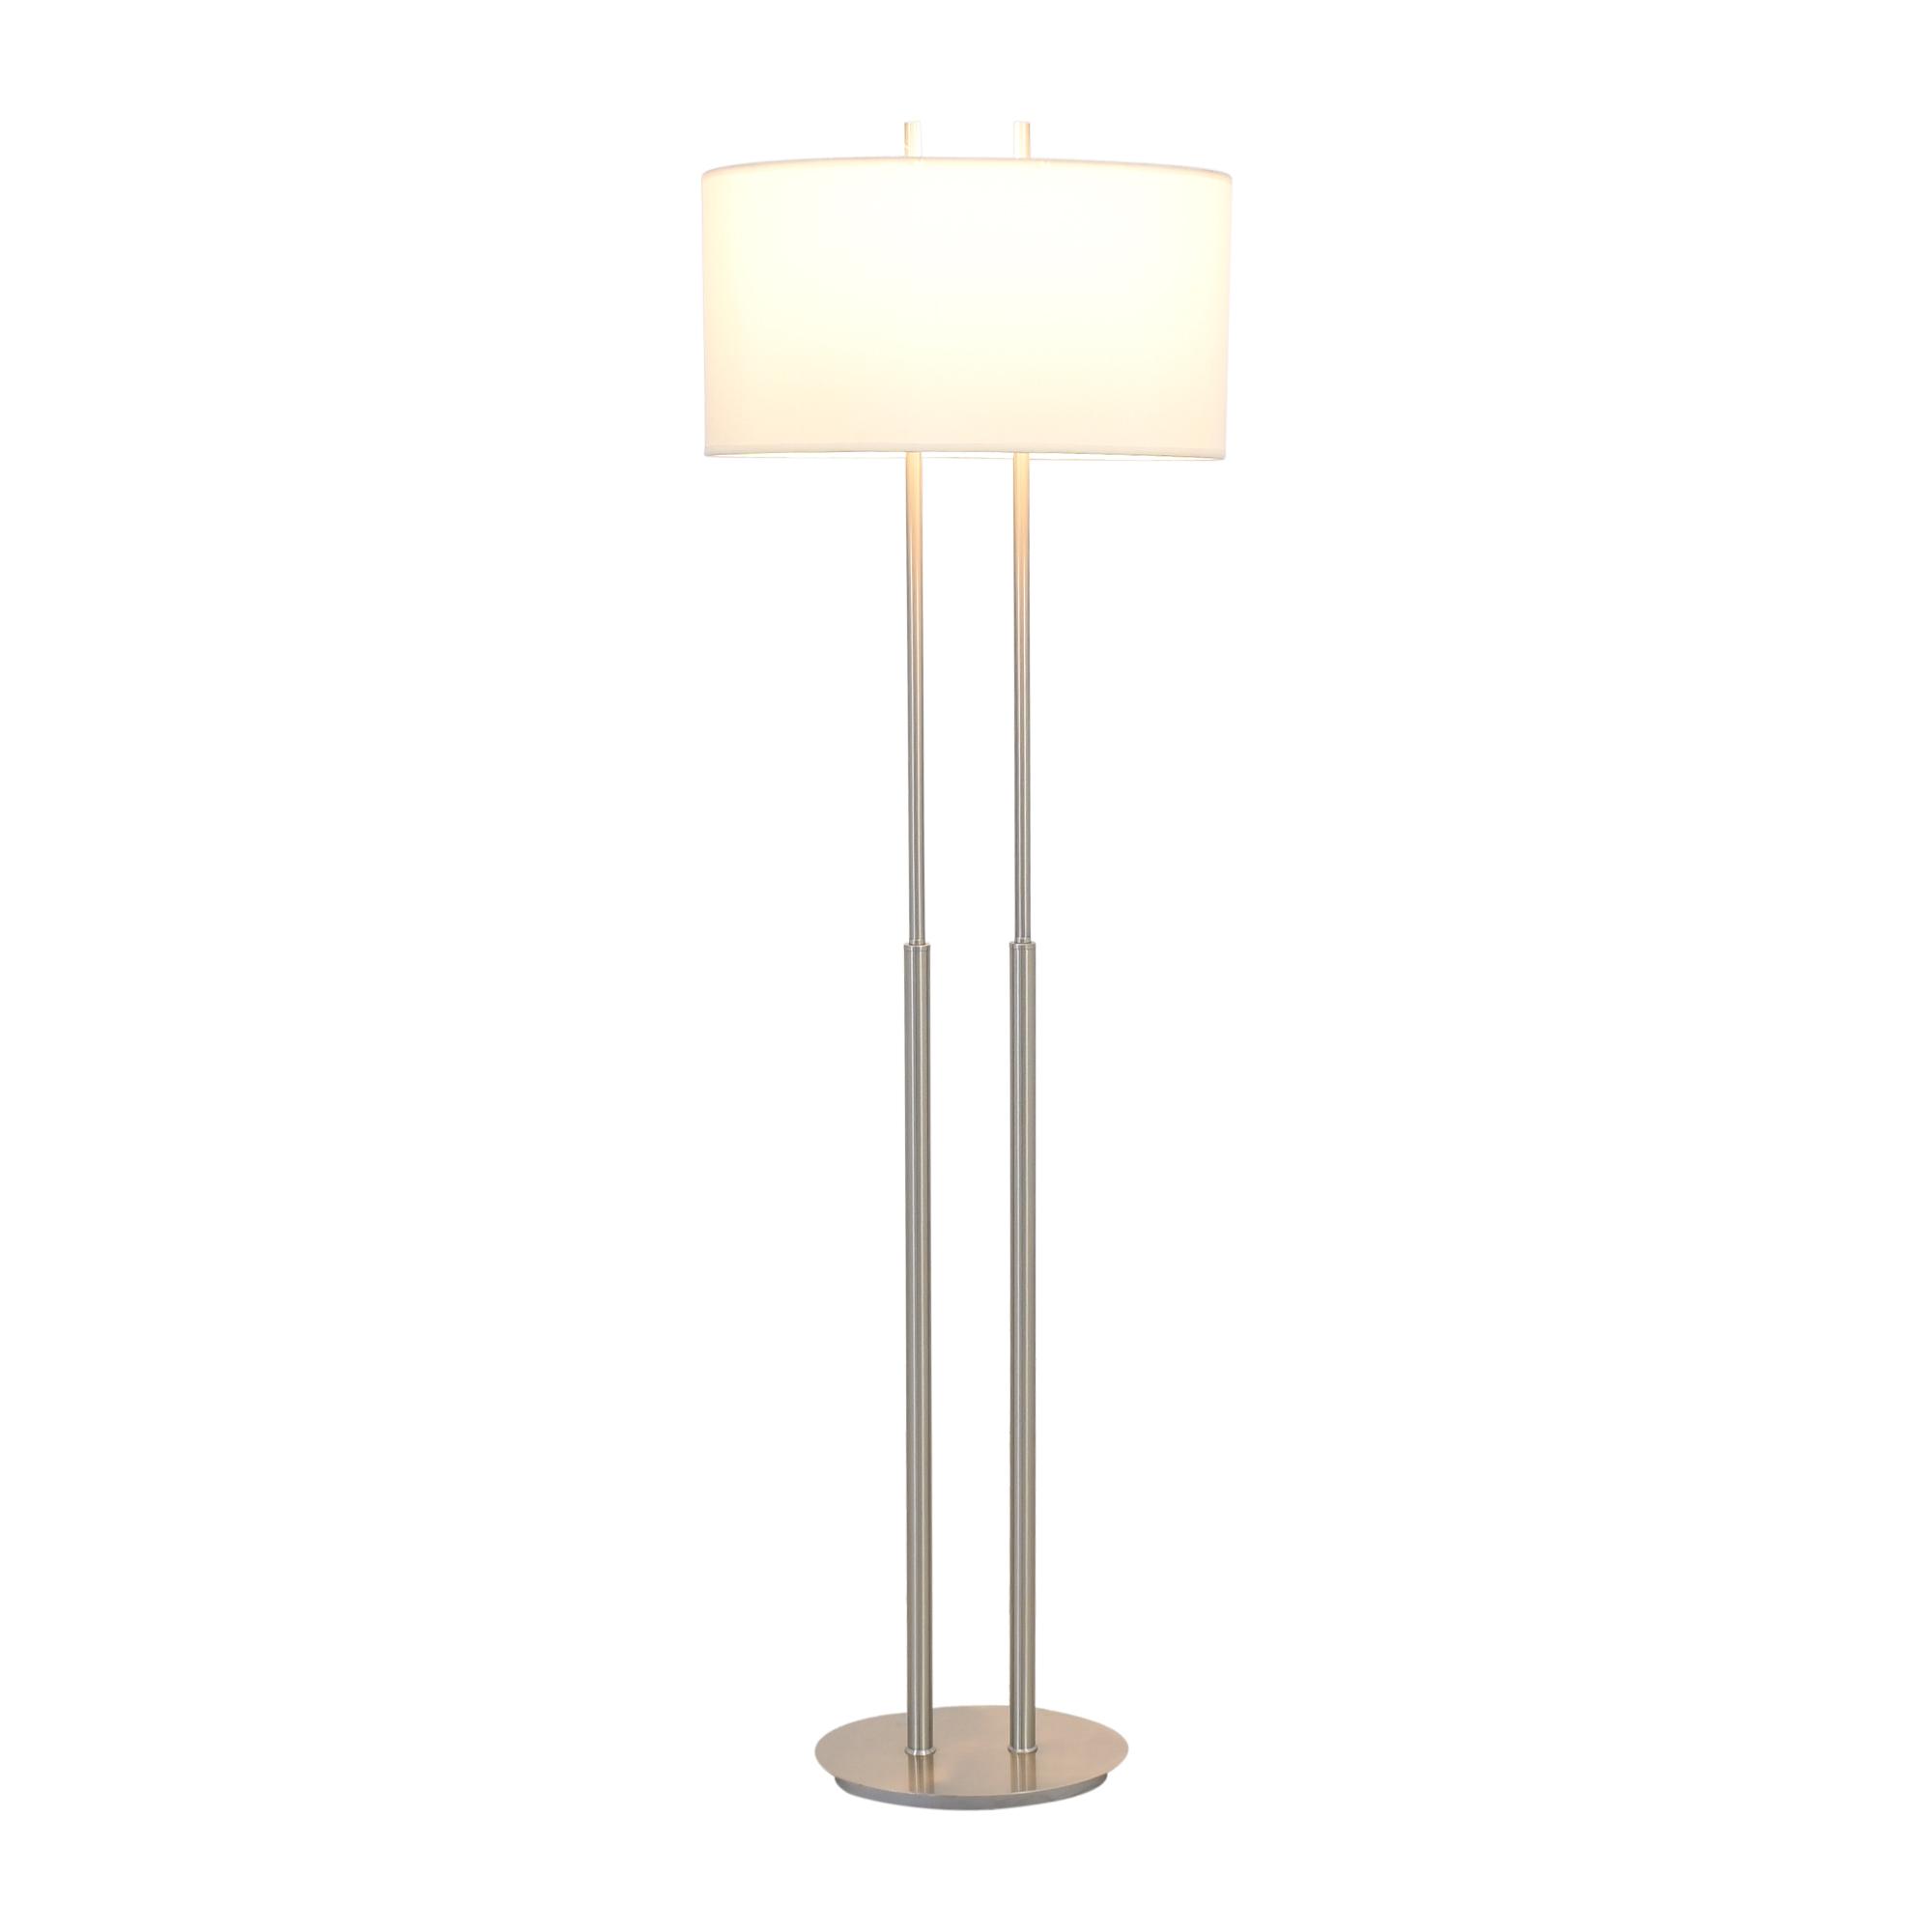 shop Parallel Bars Floor Lamp